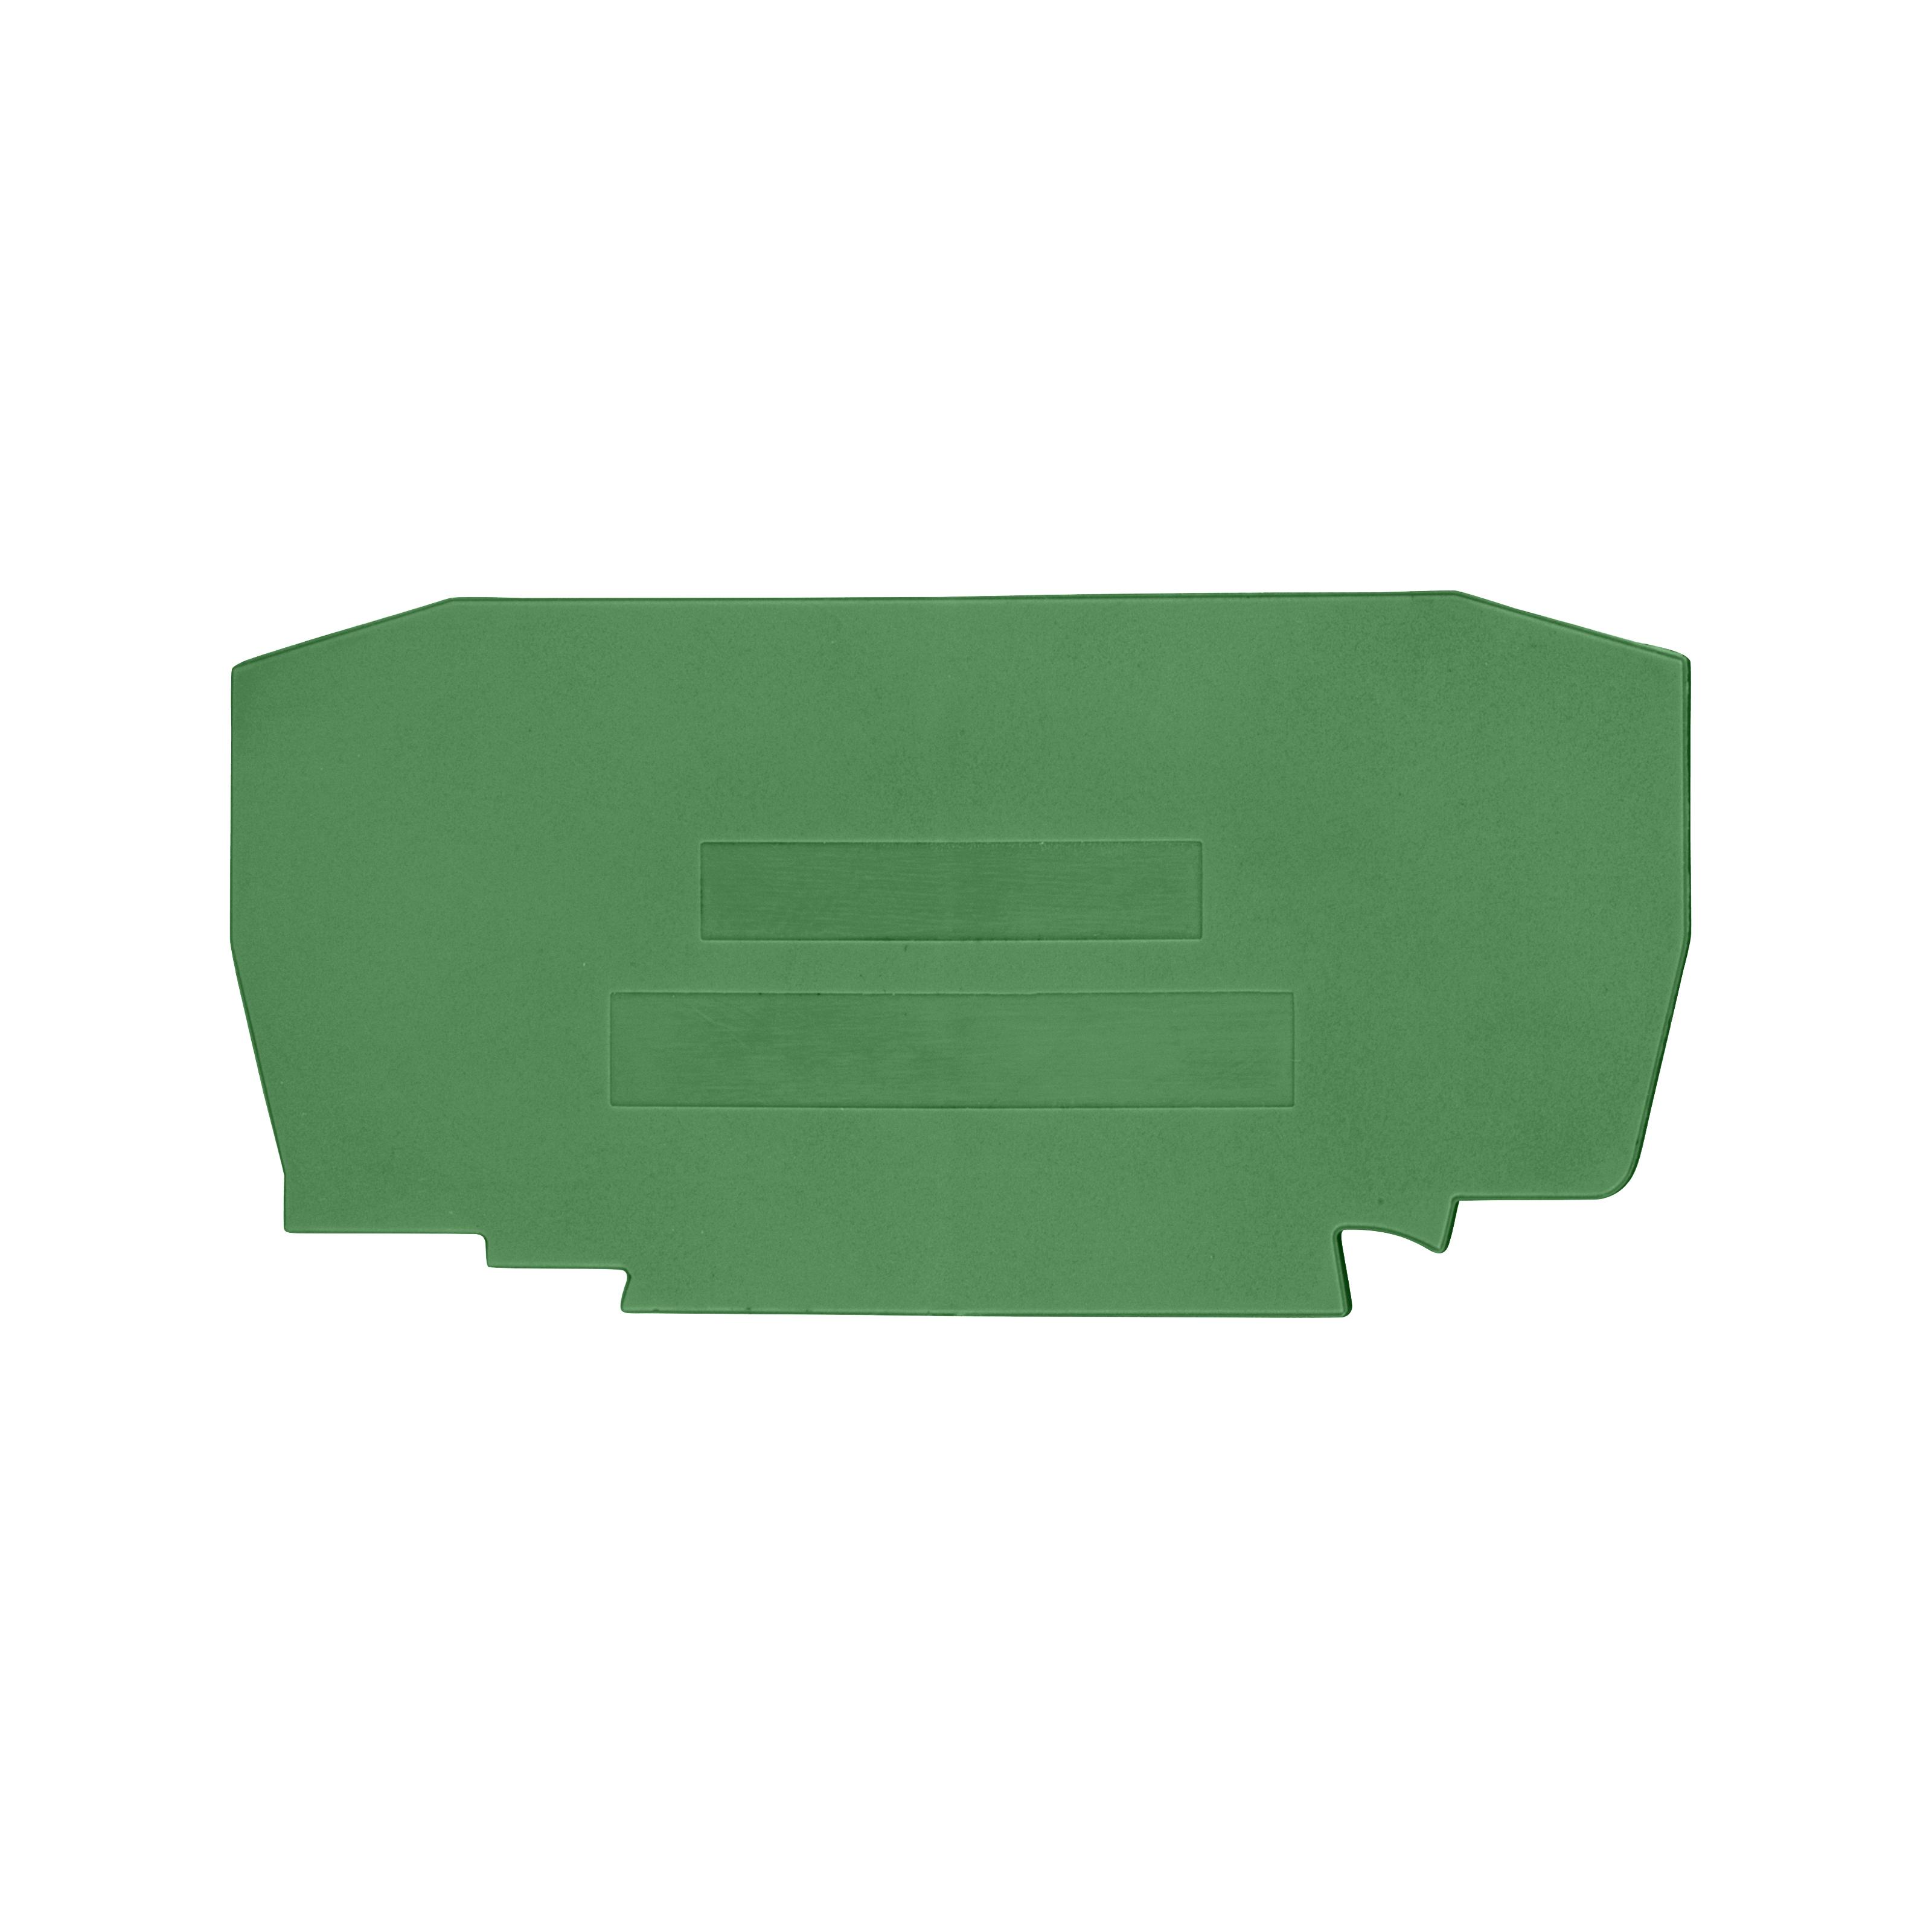 1 Stk Endplatte für Federkraftklemme Type YBK 6mm² grün IK632206--